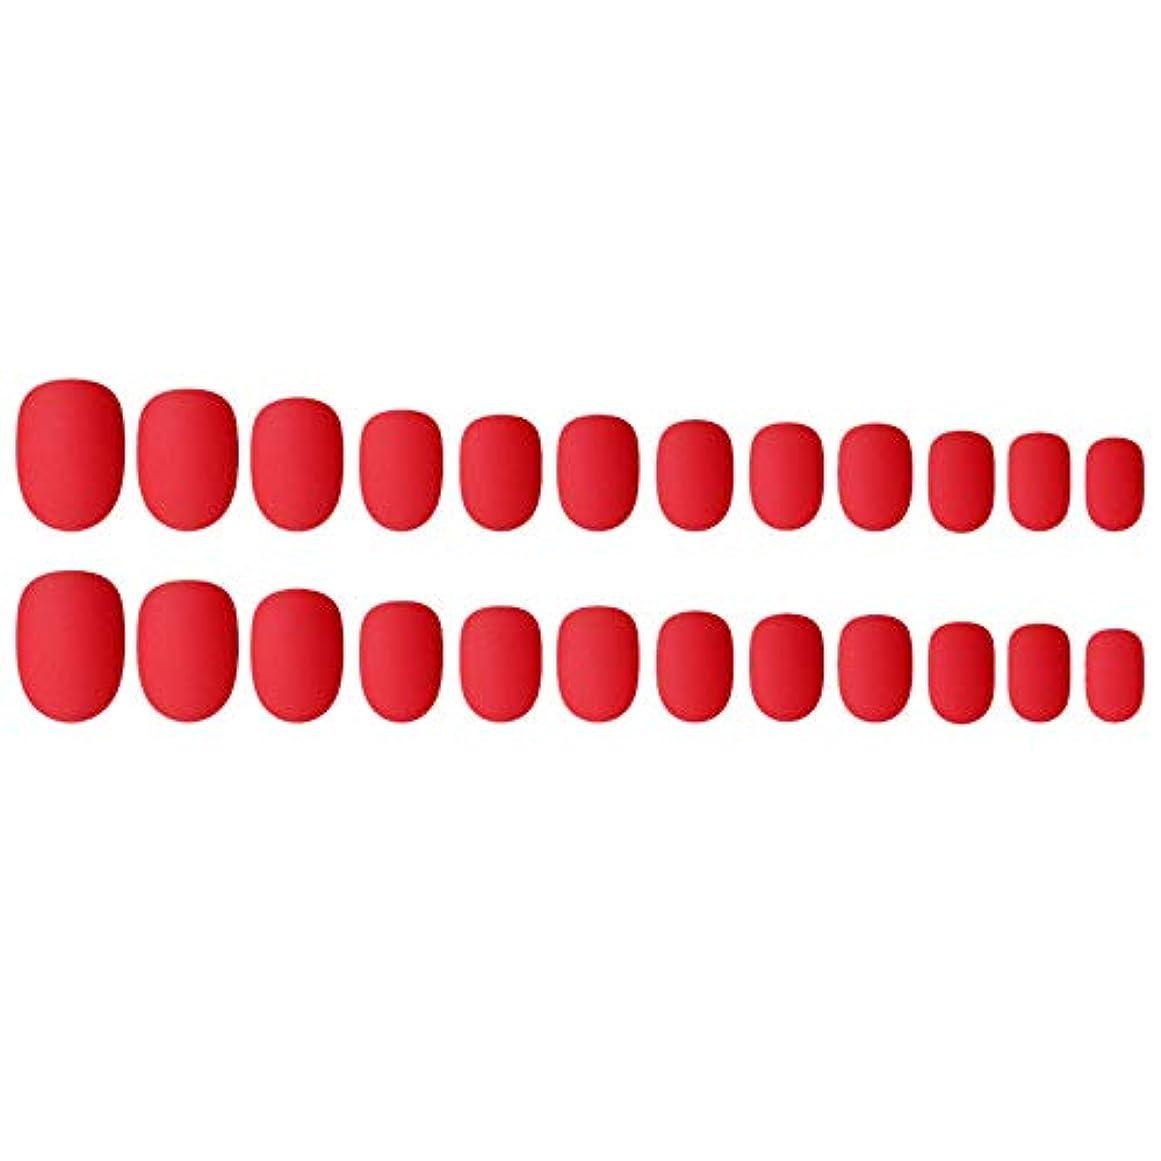 護衛先フェローシップDecdeal ネイルチップ 24ピース 偽ネイルのヒント 12種類のサイズ ネイルサロン diy ネイルアートツール